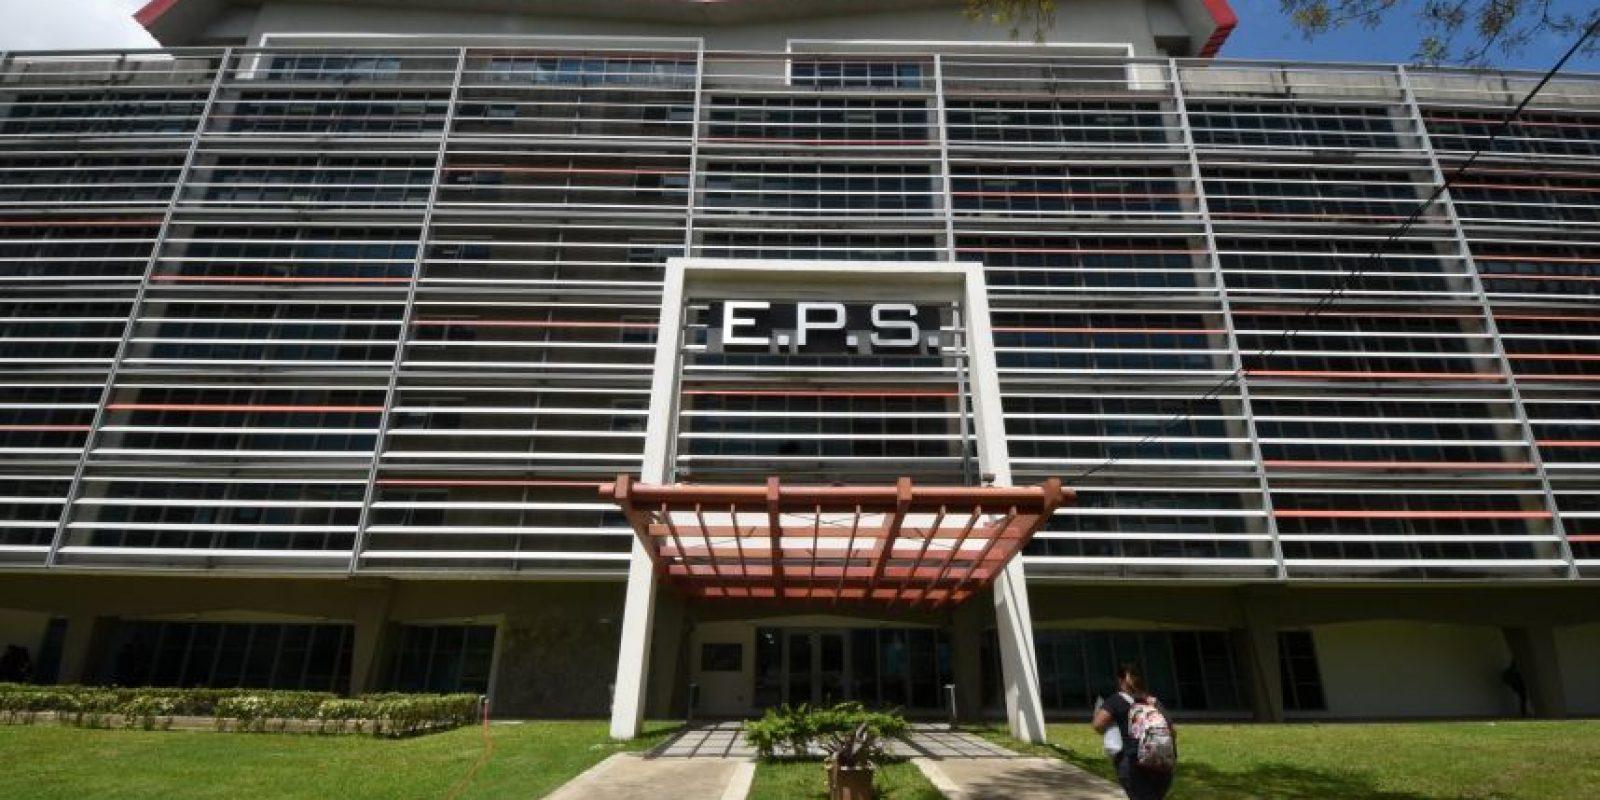 La Escuela de Profesiones de la Salud del Recinto de Ciencias Médicas de la Universidad de Puerto Rico. Foto:Dennis Jones. Imagen Por: